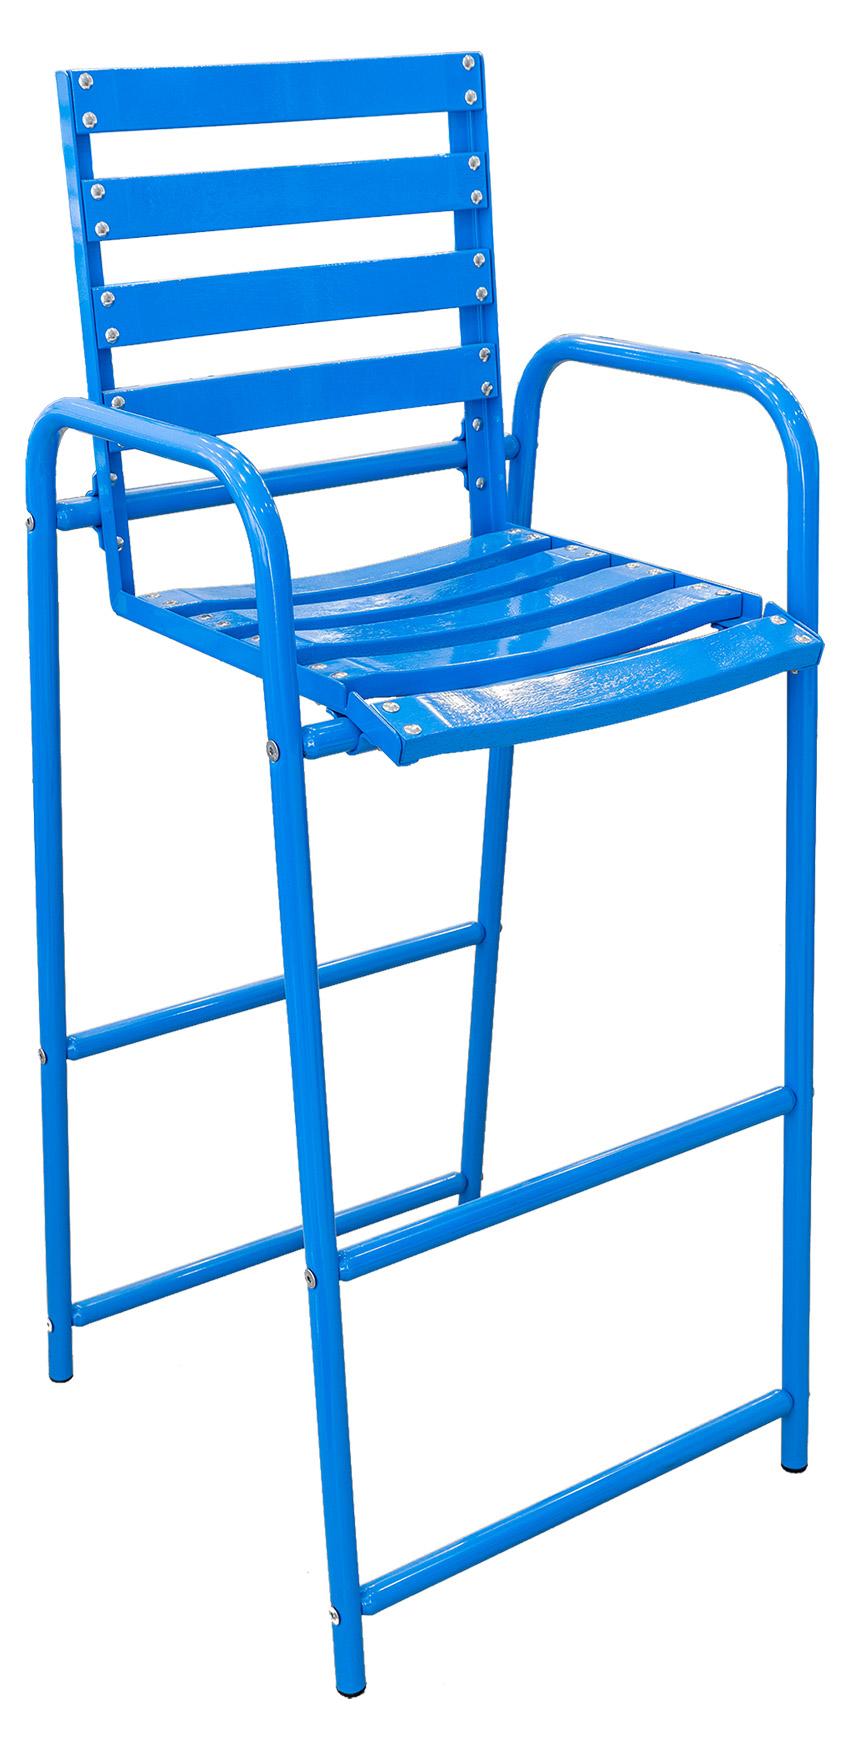 Chaise Bleue Haute - Nouvelle gamme Tordo